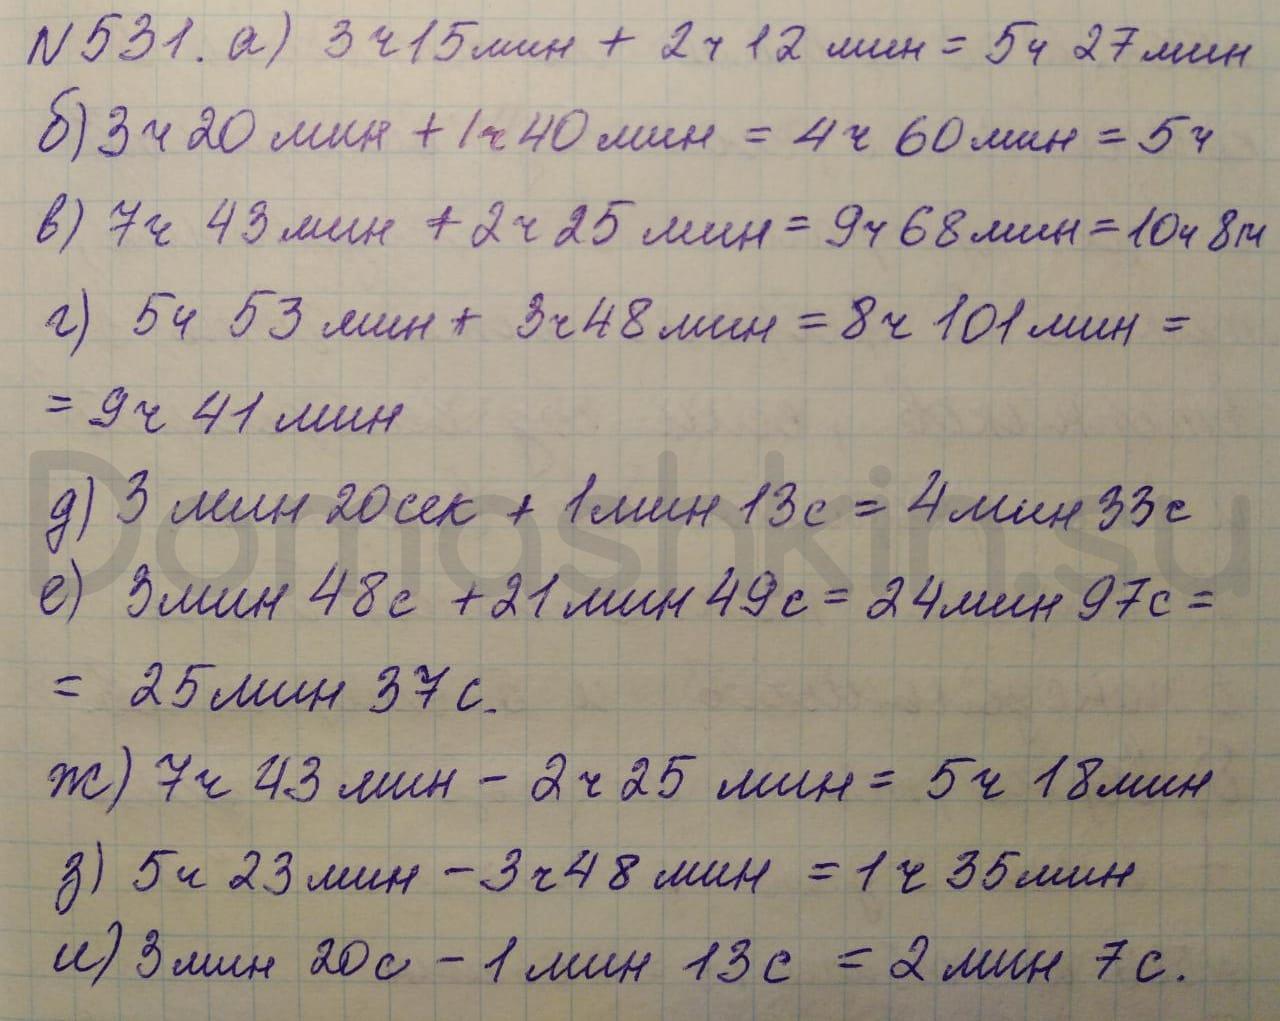 Математика 5 класс учебник Никольский номер 531 решение